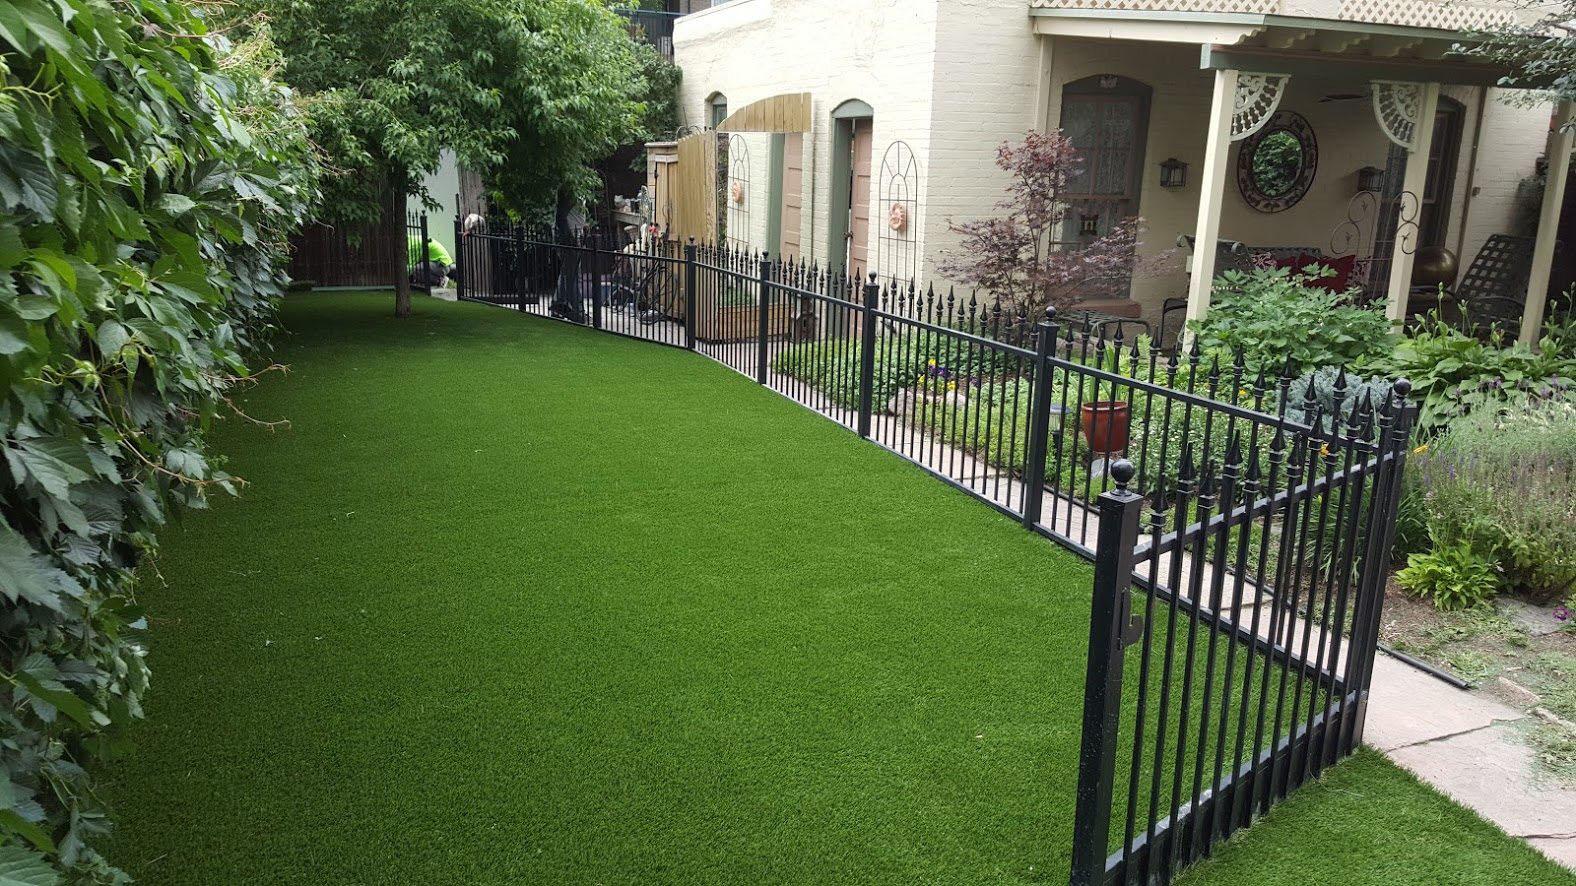 artificial grass side yard